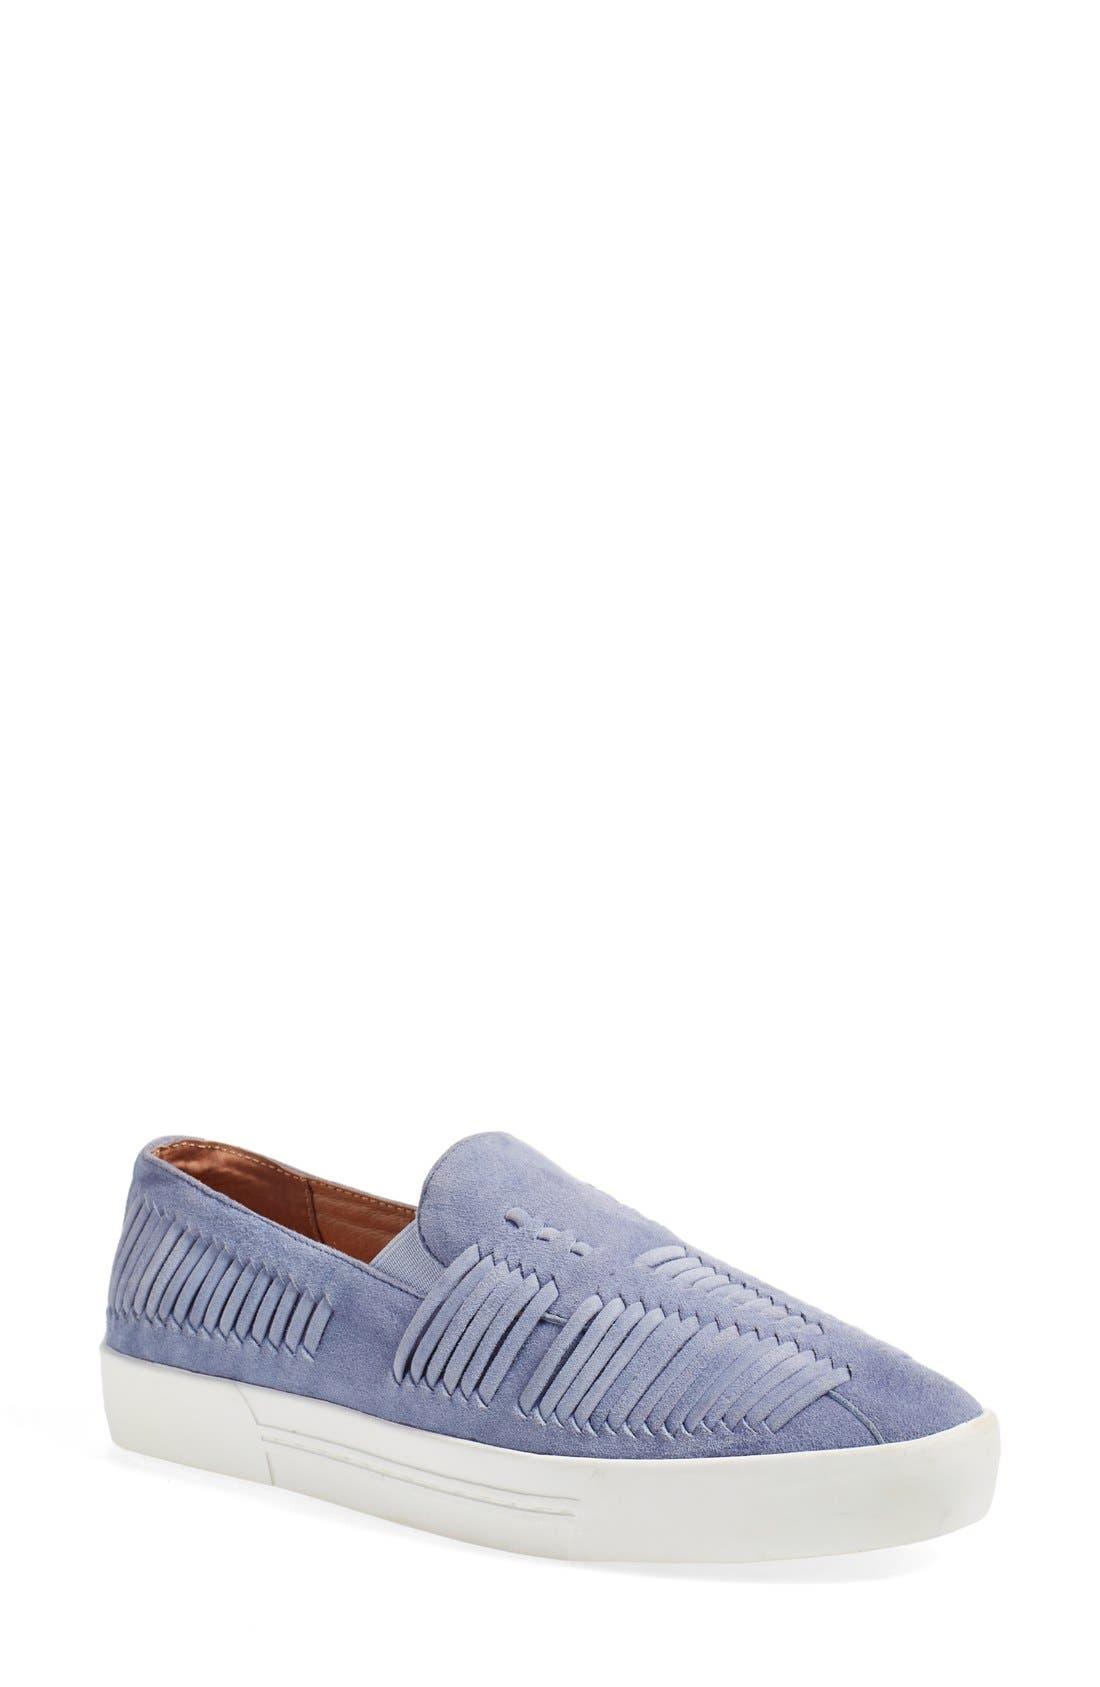 Alternate Image 1 Selected - Joie 'Huxley' Slip-On Sneaker (Women)